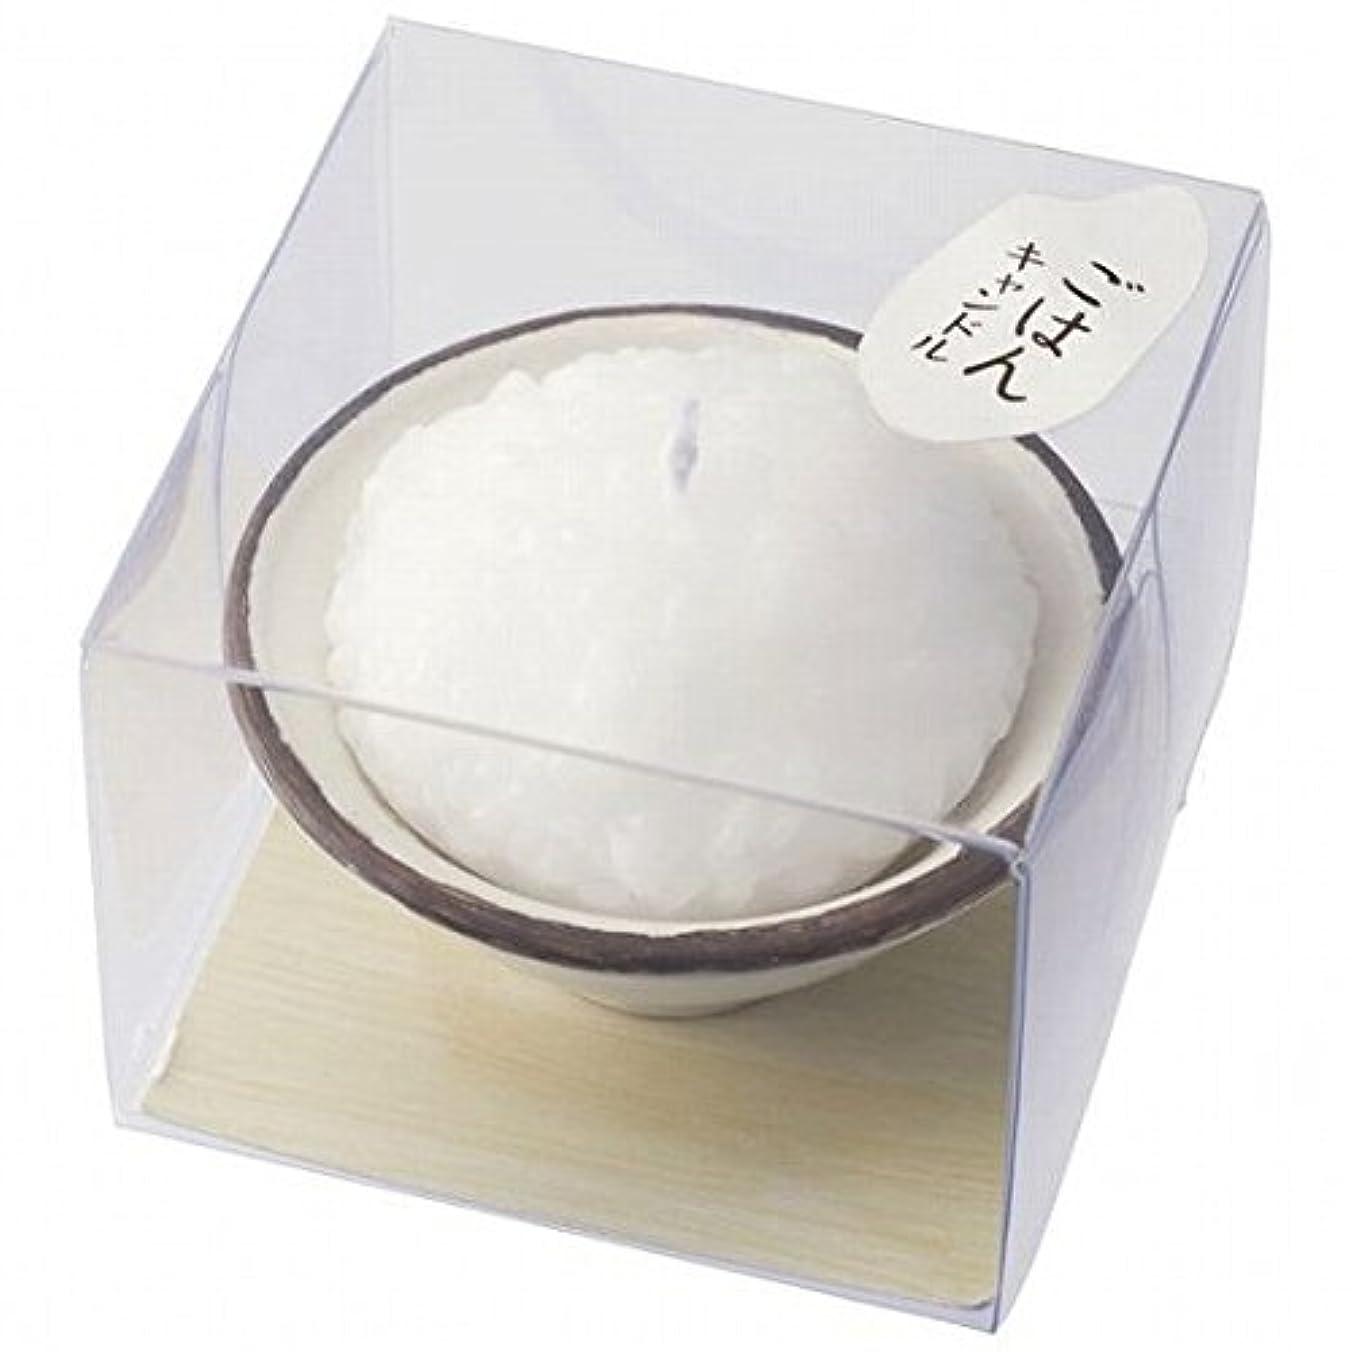 契約する不毛のこっそりkameyama candle(カメヤマキャンドル) ごはんキャンドル(86970000)